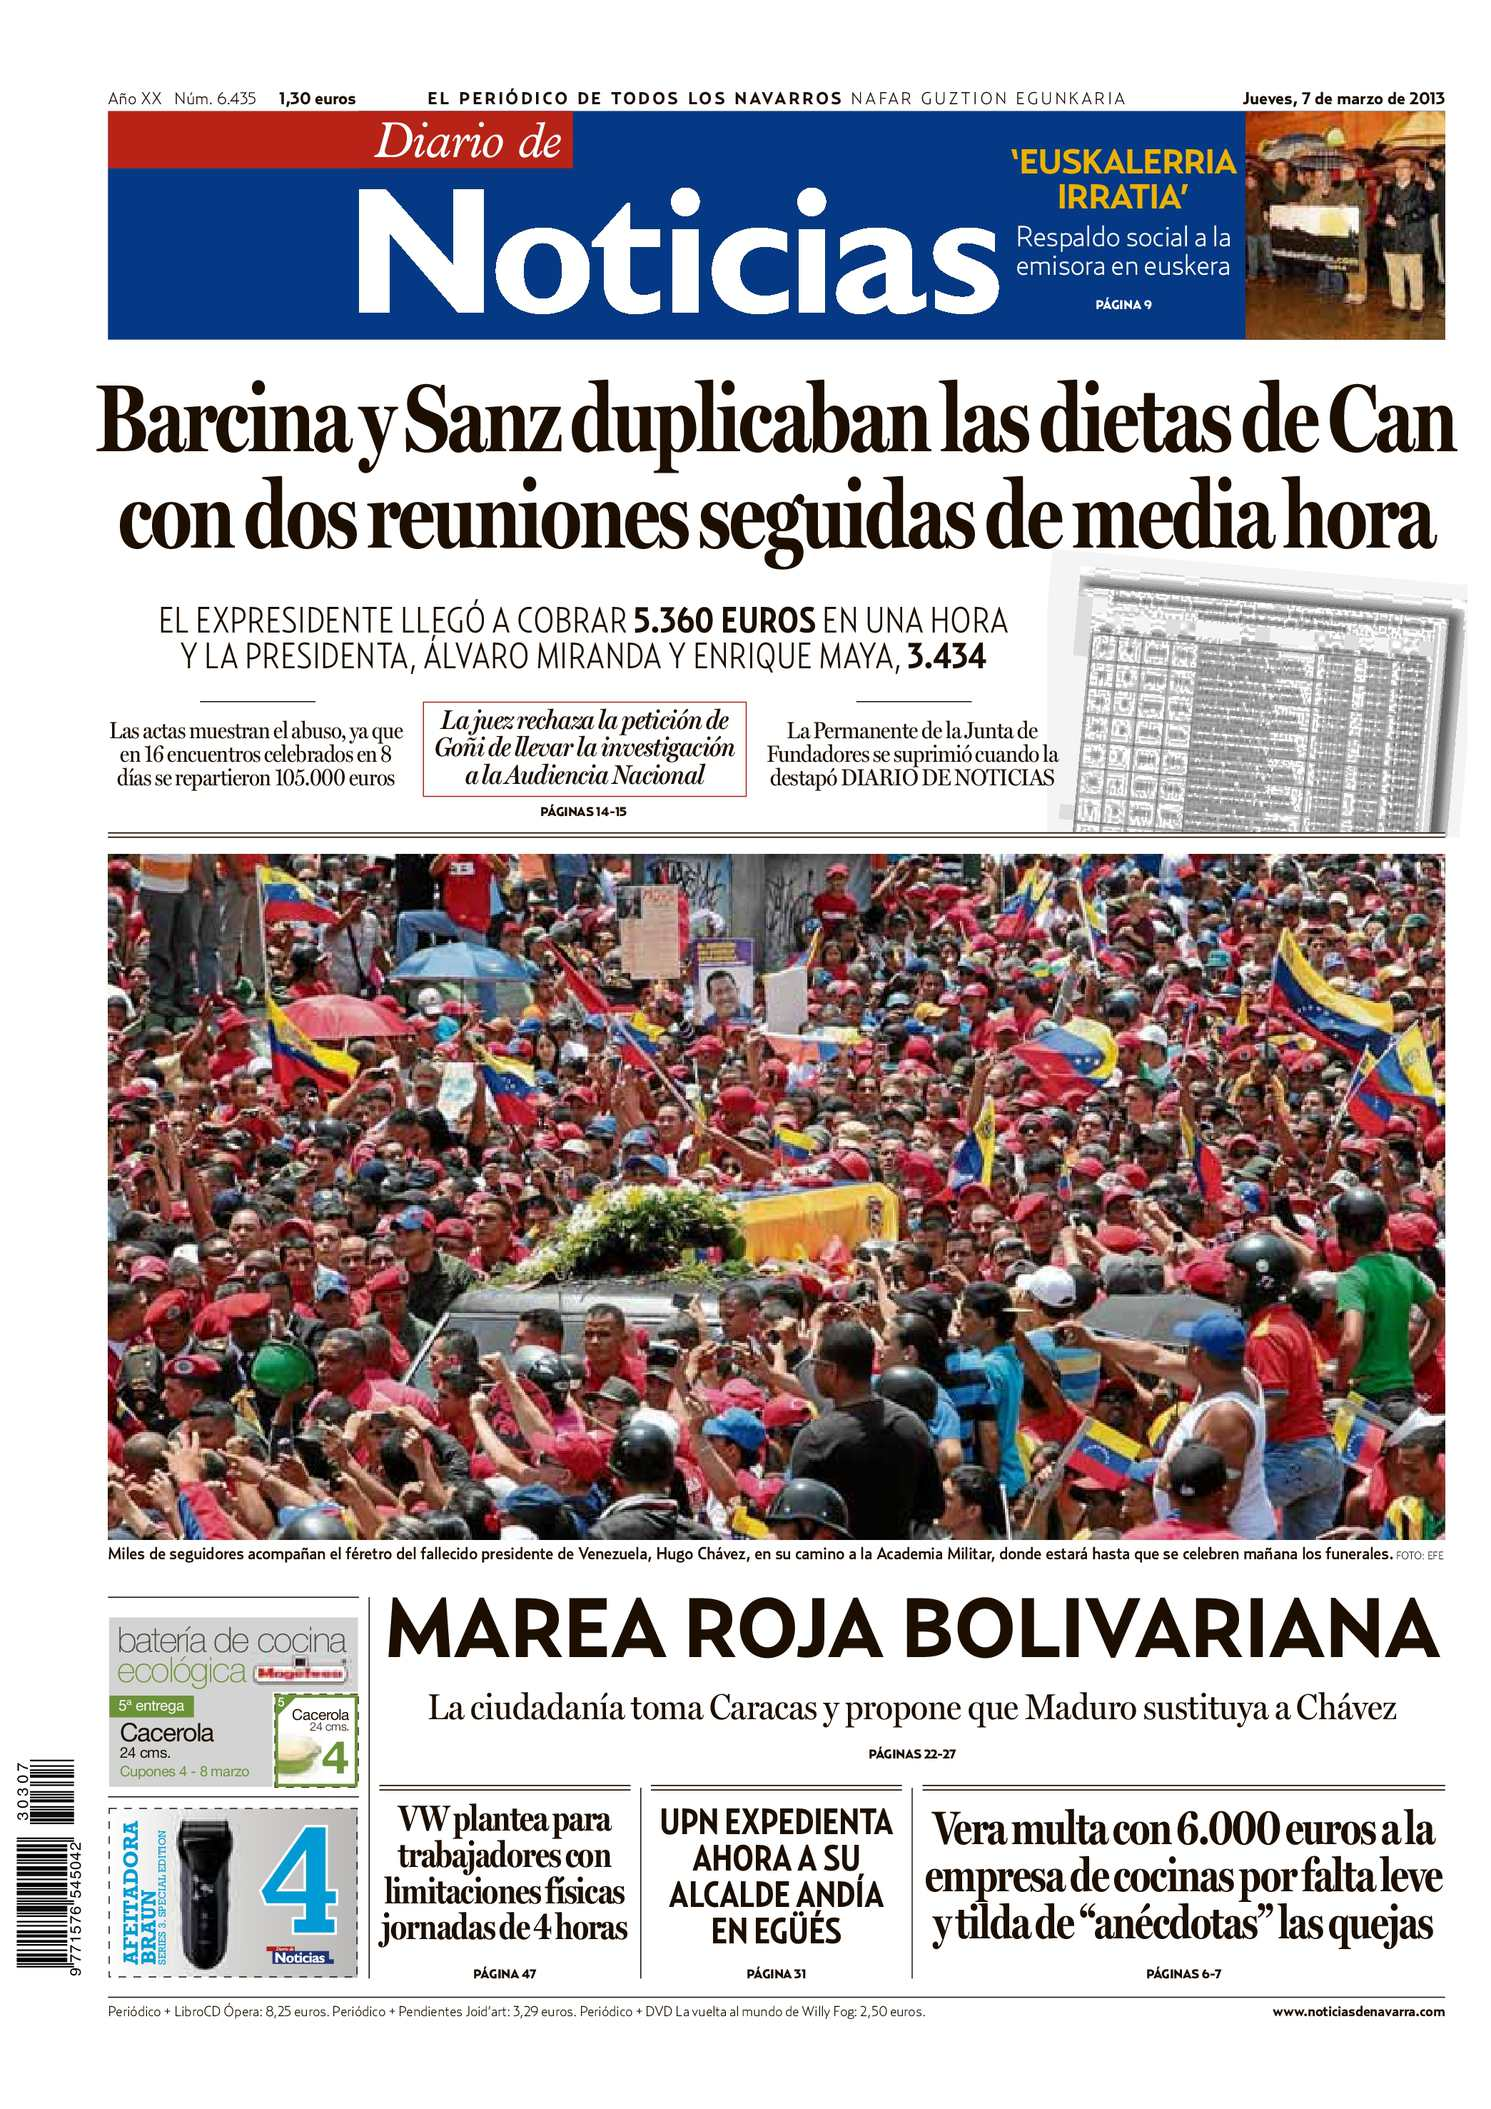 97dc1e6df76d Calaméo - Diario de Noticias 20130307